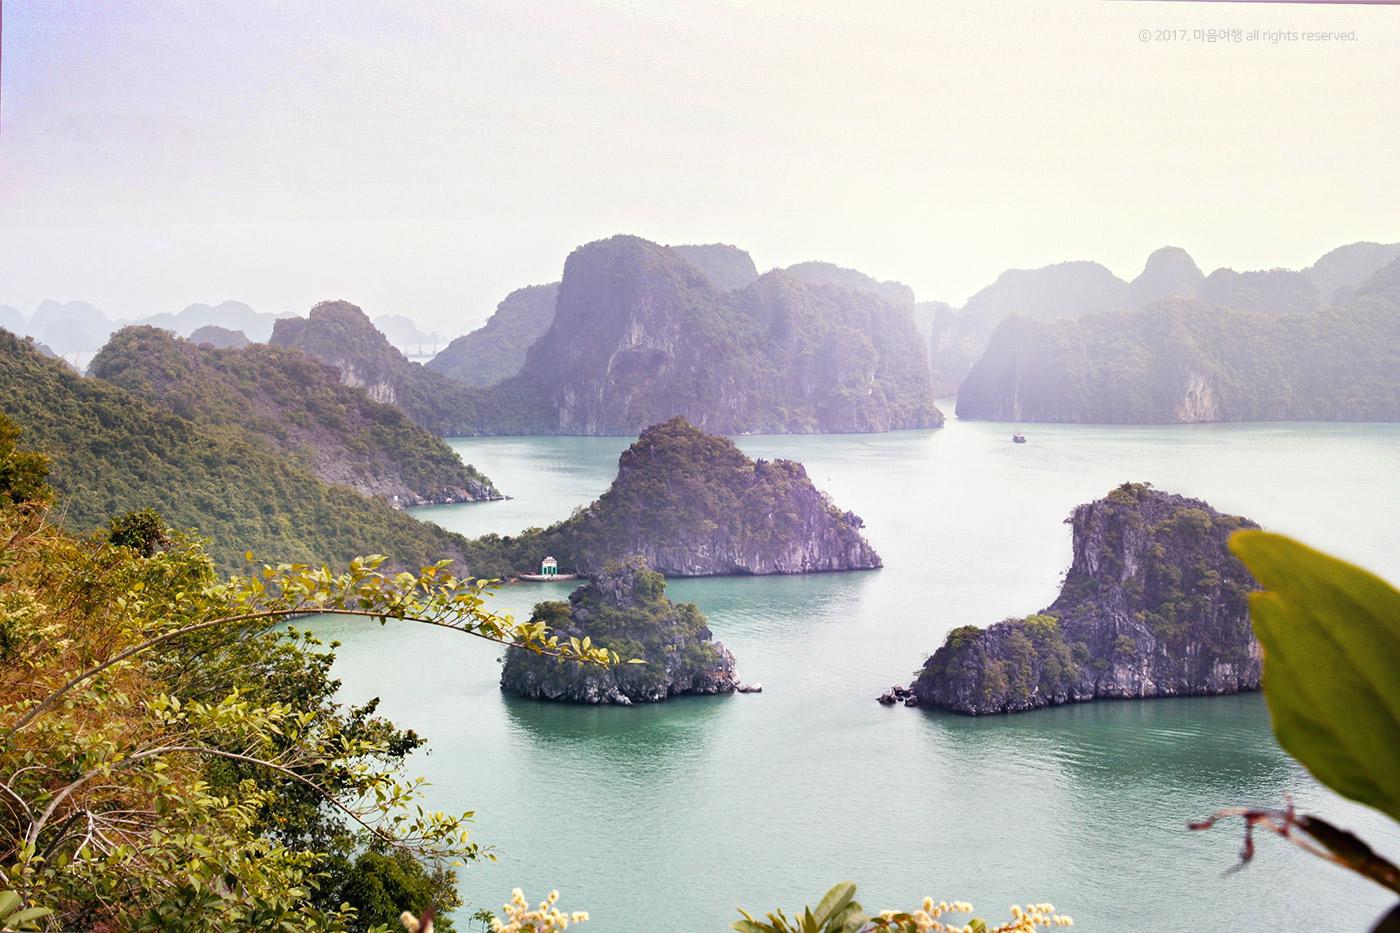 유네스코 지정 관광지인 하롱베이